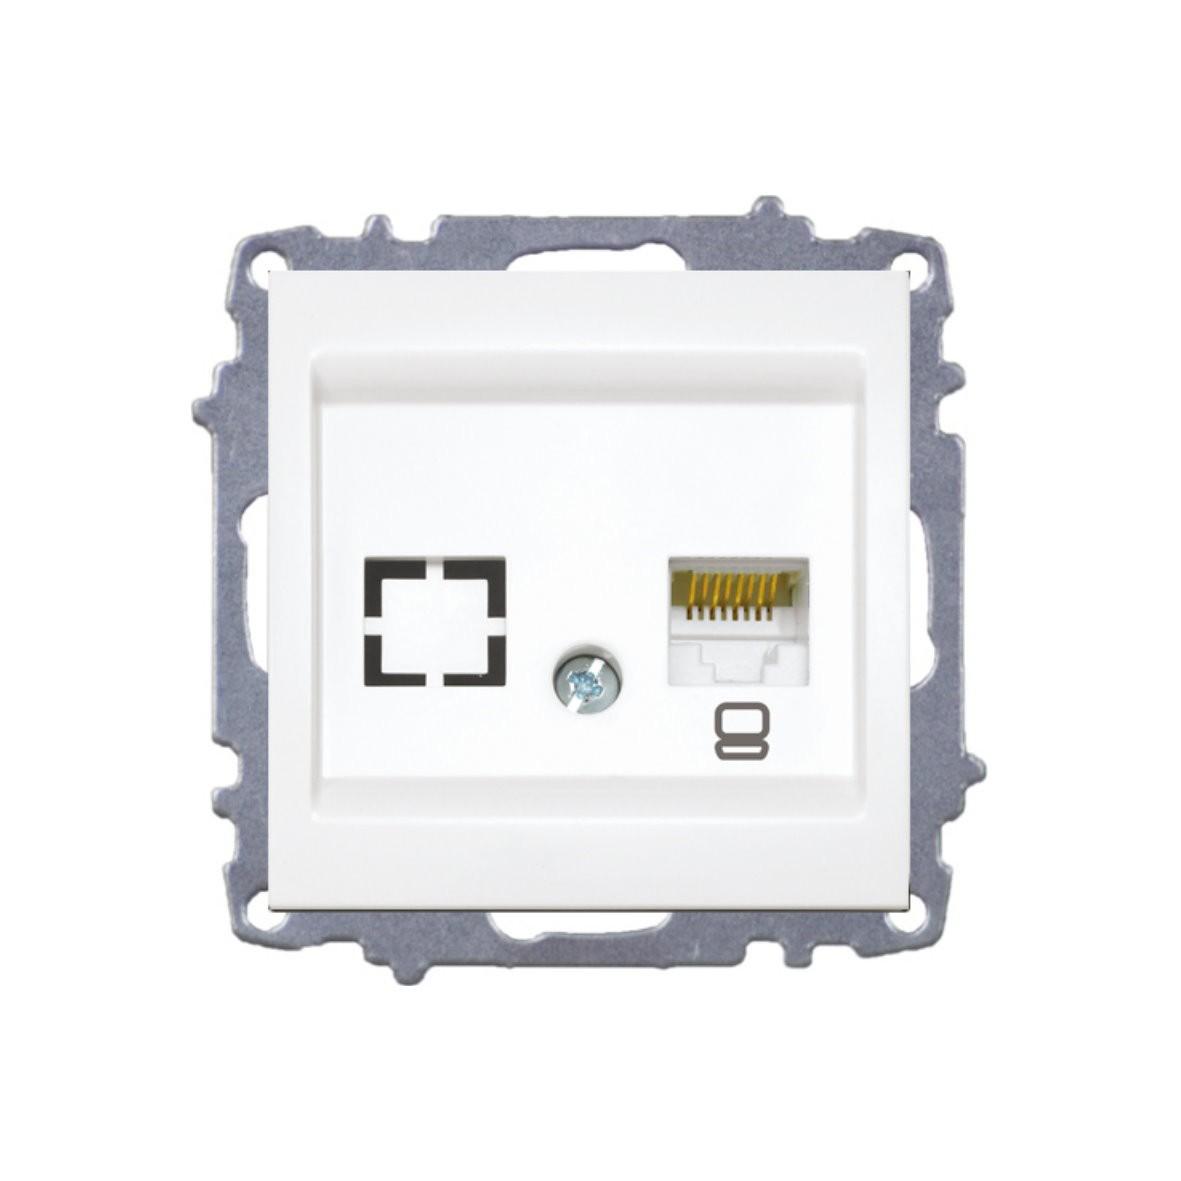 Изображение ZENA модуль крем Розетка компьютерная (1раз Е6)